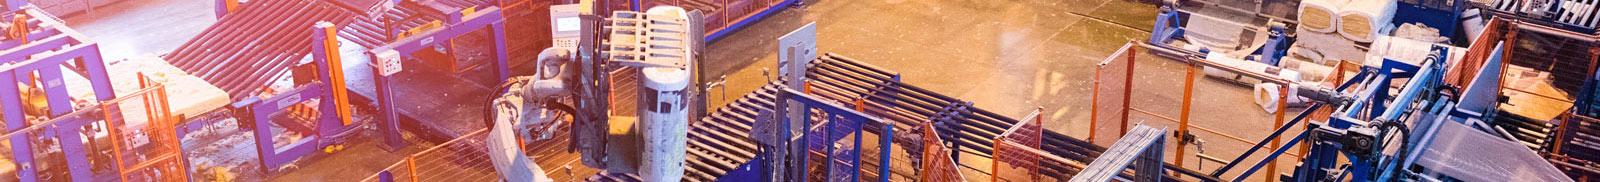 Strom Aggregate mieten für die Industrie